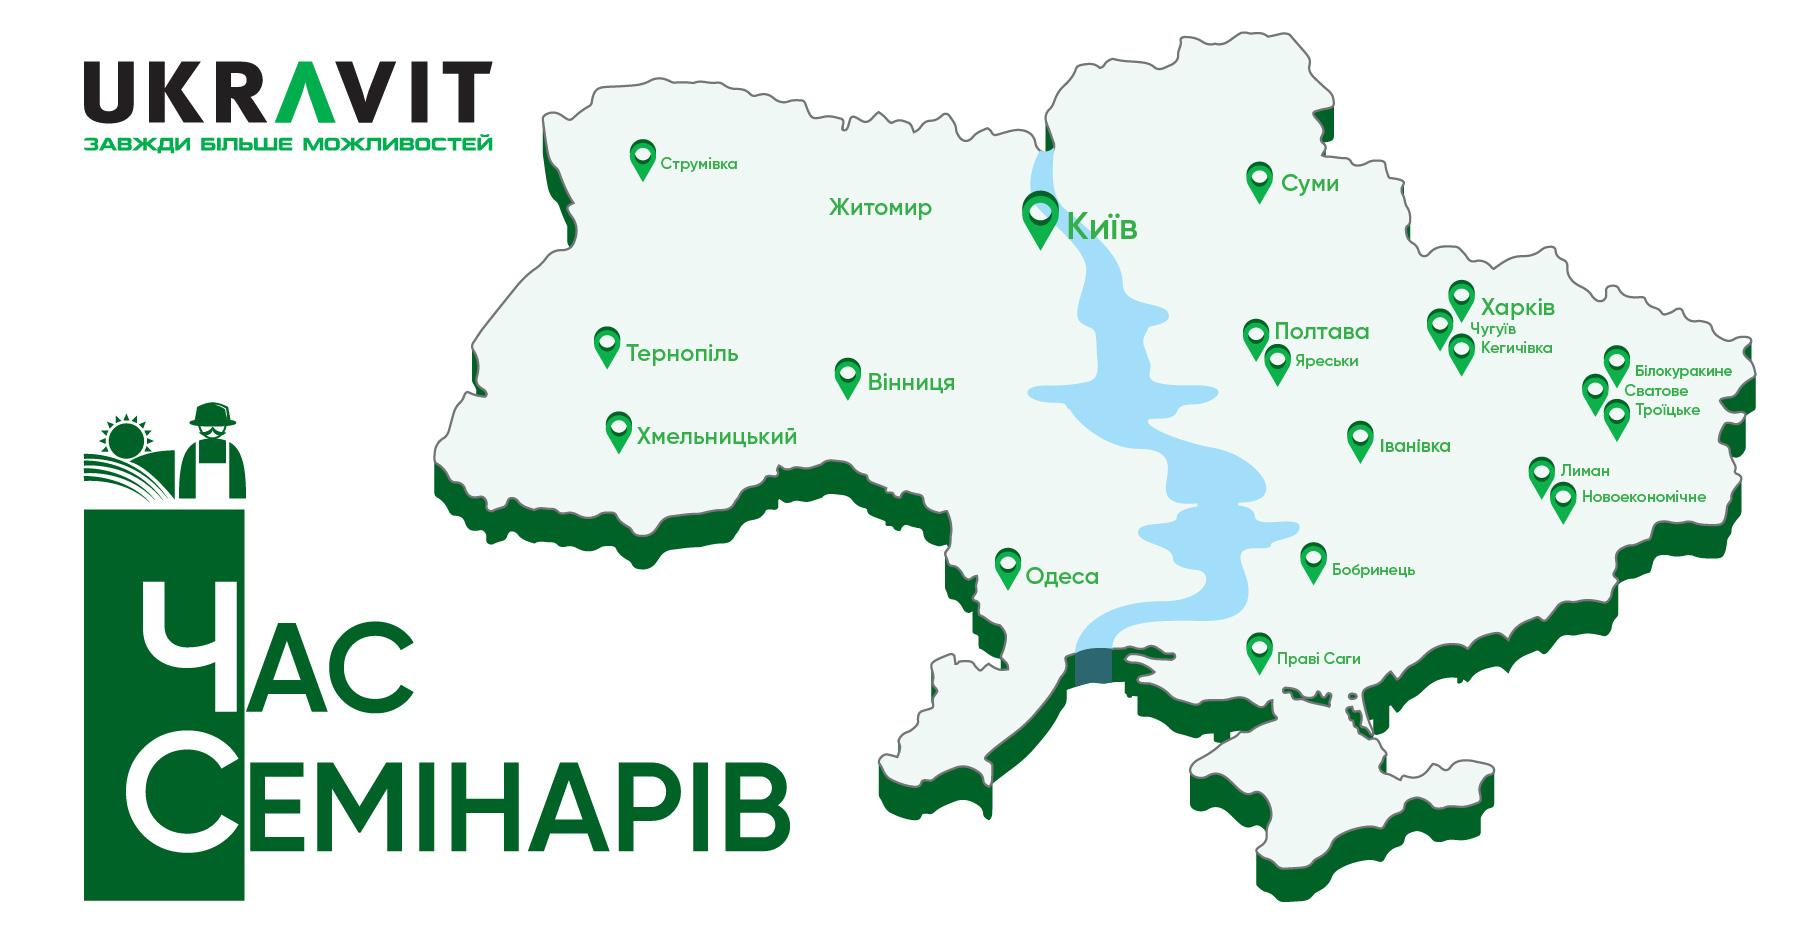 «UKRAVIT» оголошує проведення науково-практичних семінарів по всій Україні